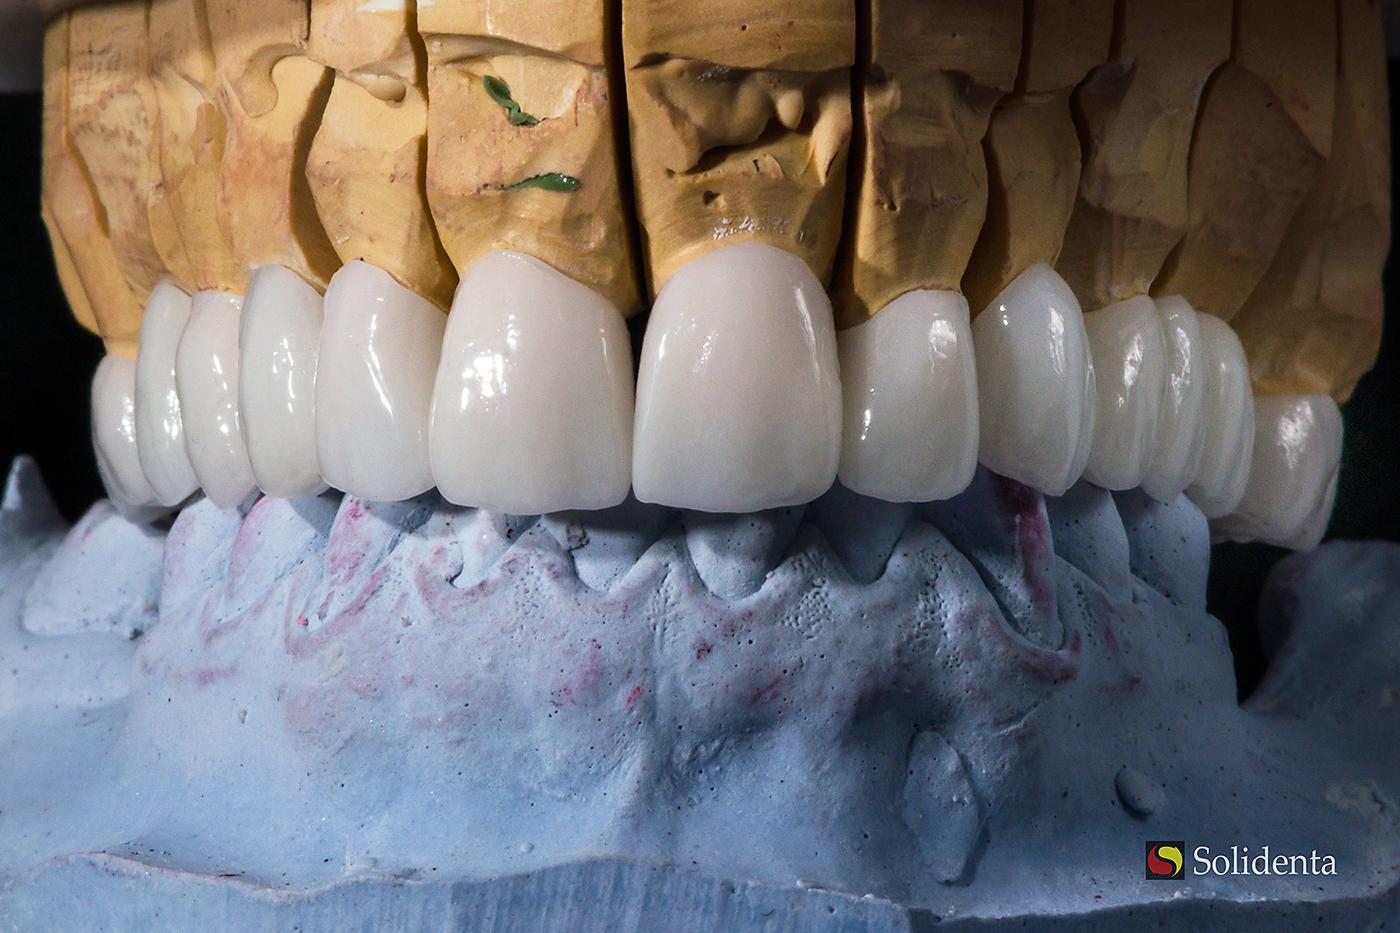 Cirkonio keramikos tiltas, cirokio keramikos vainikėlis, kaina sutartinė, priekiniai dantys, kruminiai dantys, balti dantys